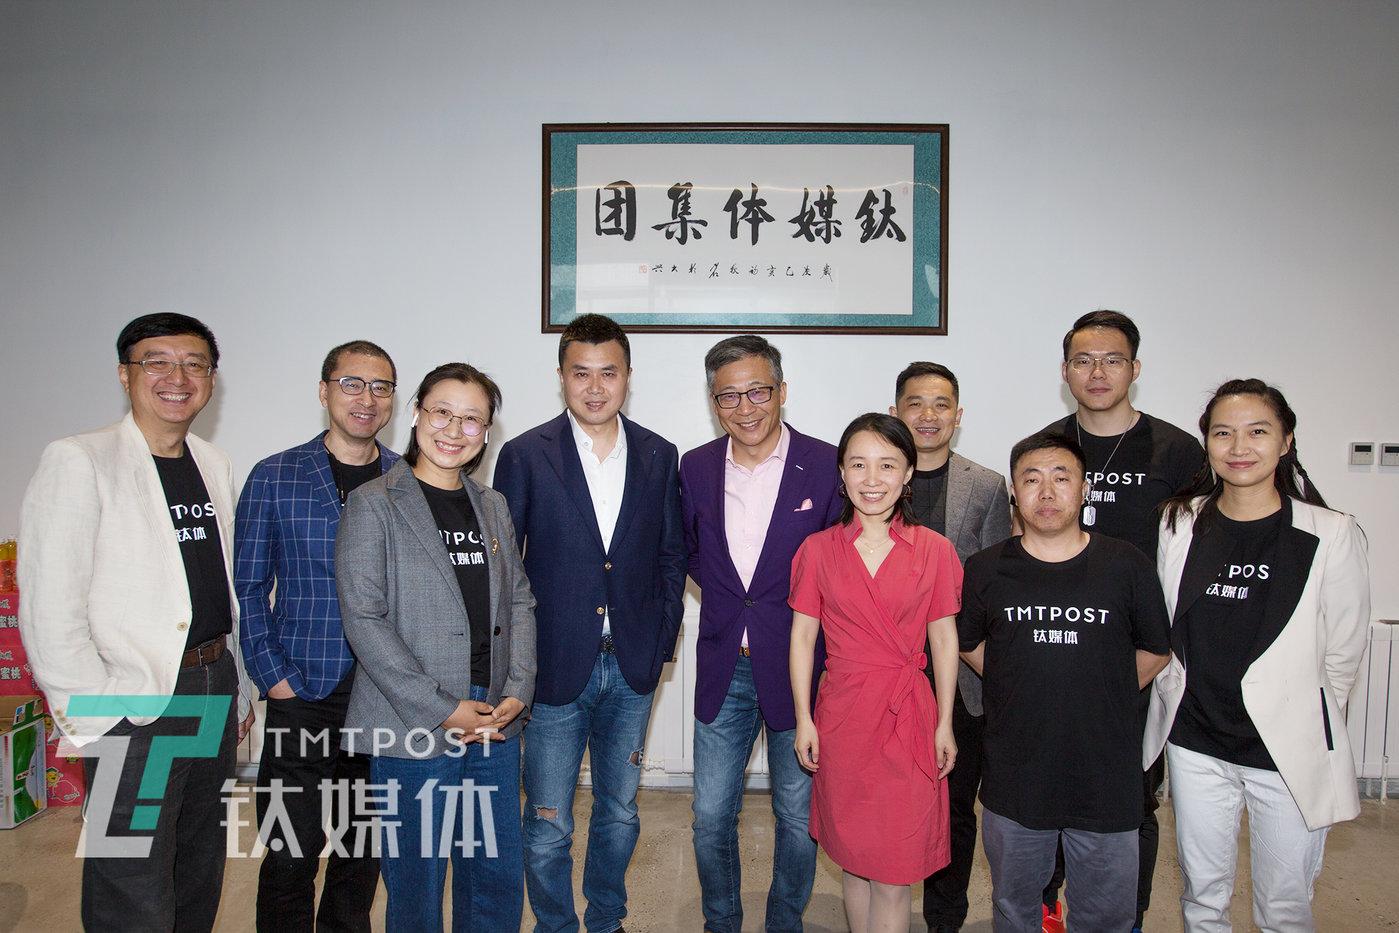 (图注:钛媒体高管团队和特别来宾凤凰网CEO合影刘爽;左四:刘爽,左五:杨锐,左六:赵何娟)